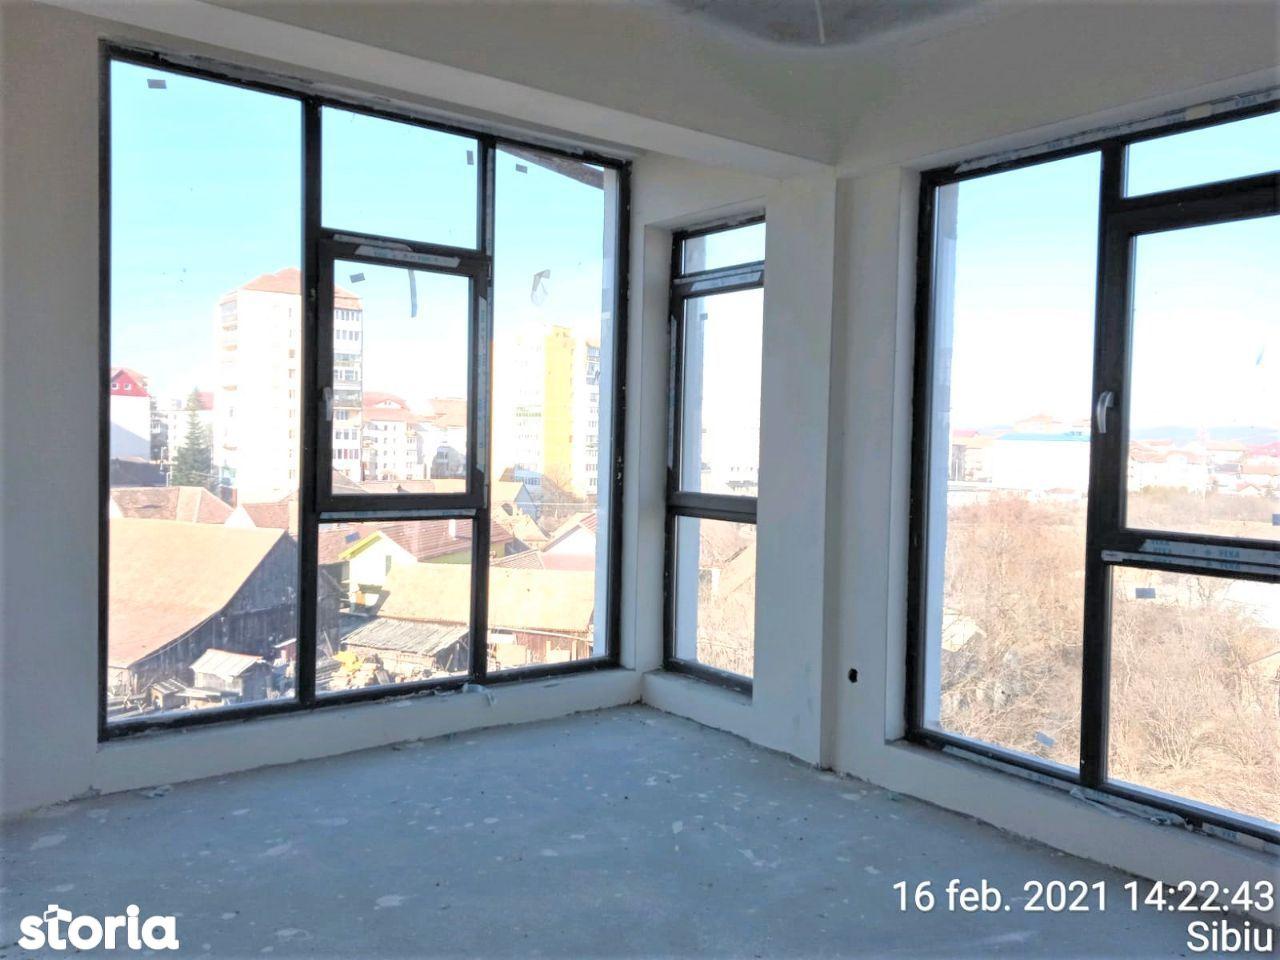   Apartament 2 cam pretabil pentru spatiu comercial  Zona Dedeman lidl